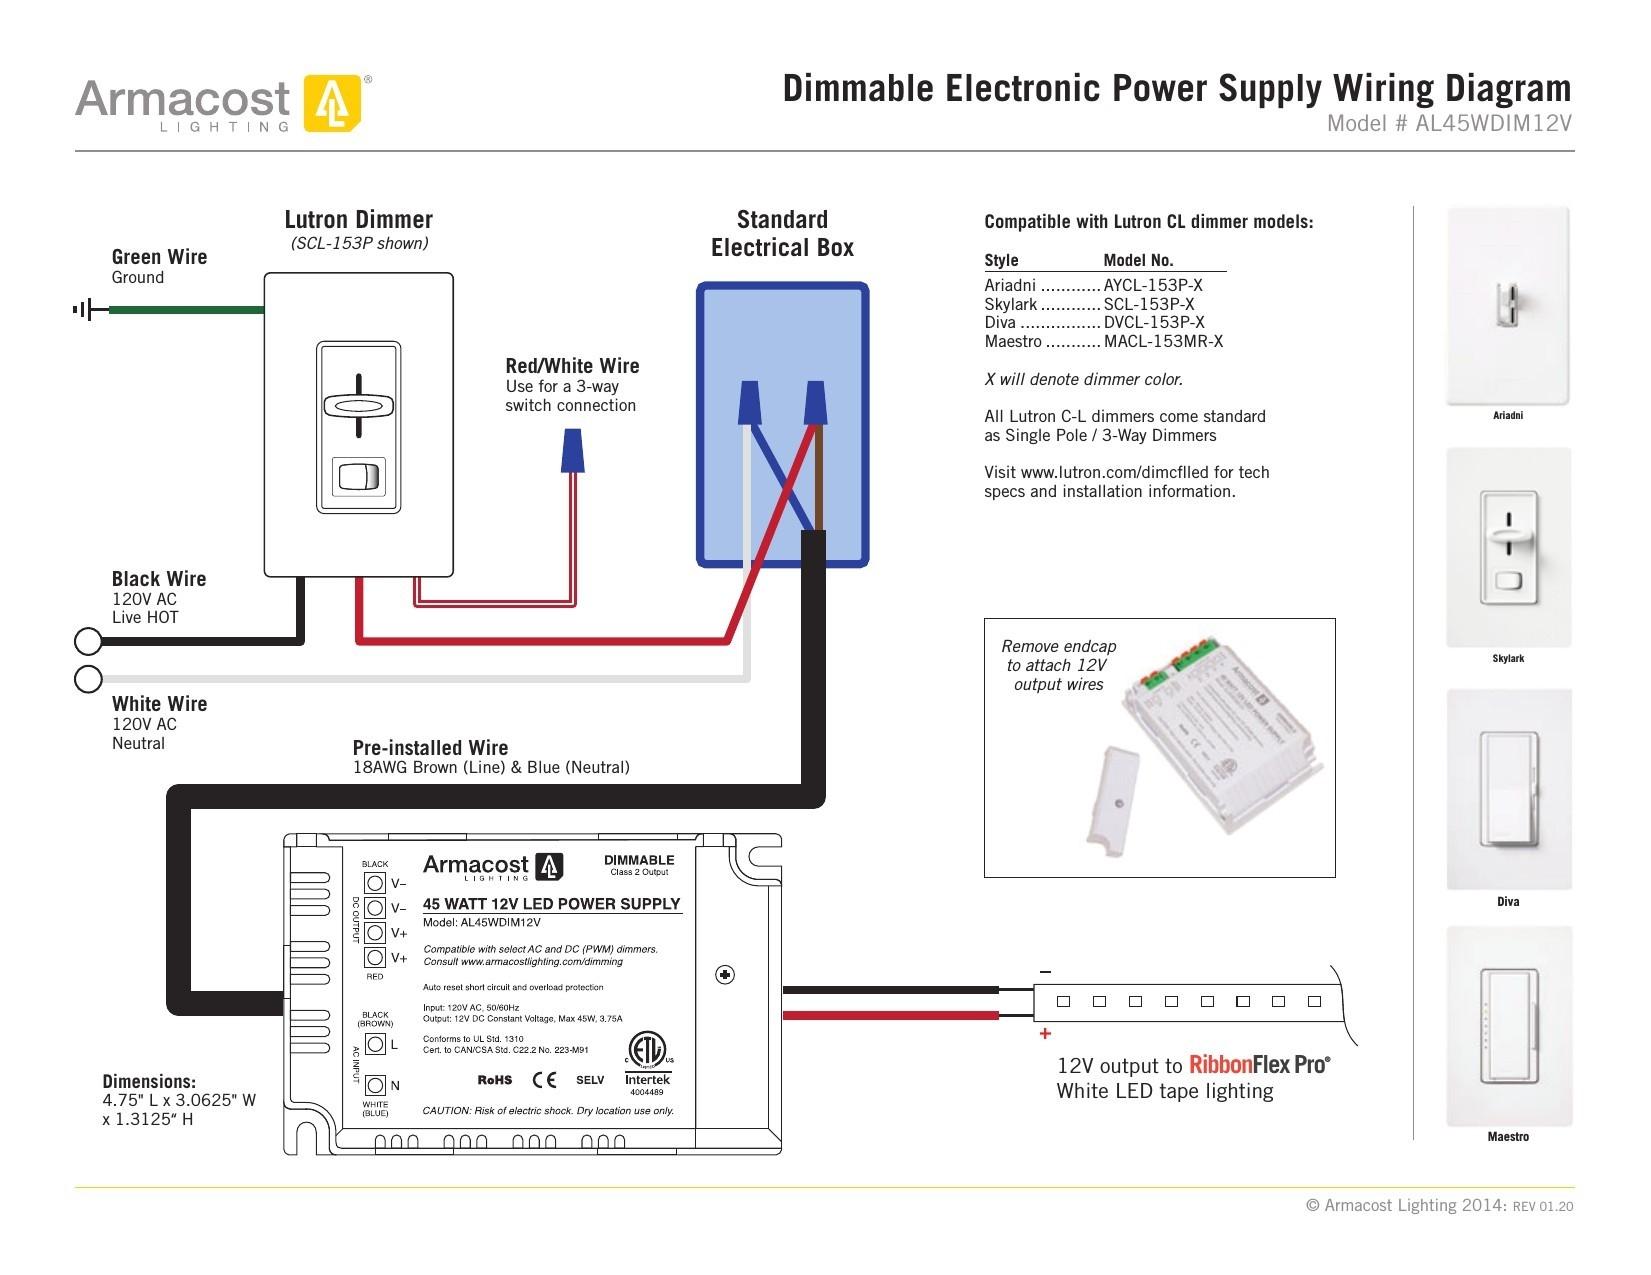 3 way dimmer wiring diagram ge dryer online lutron maestro free